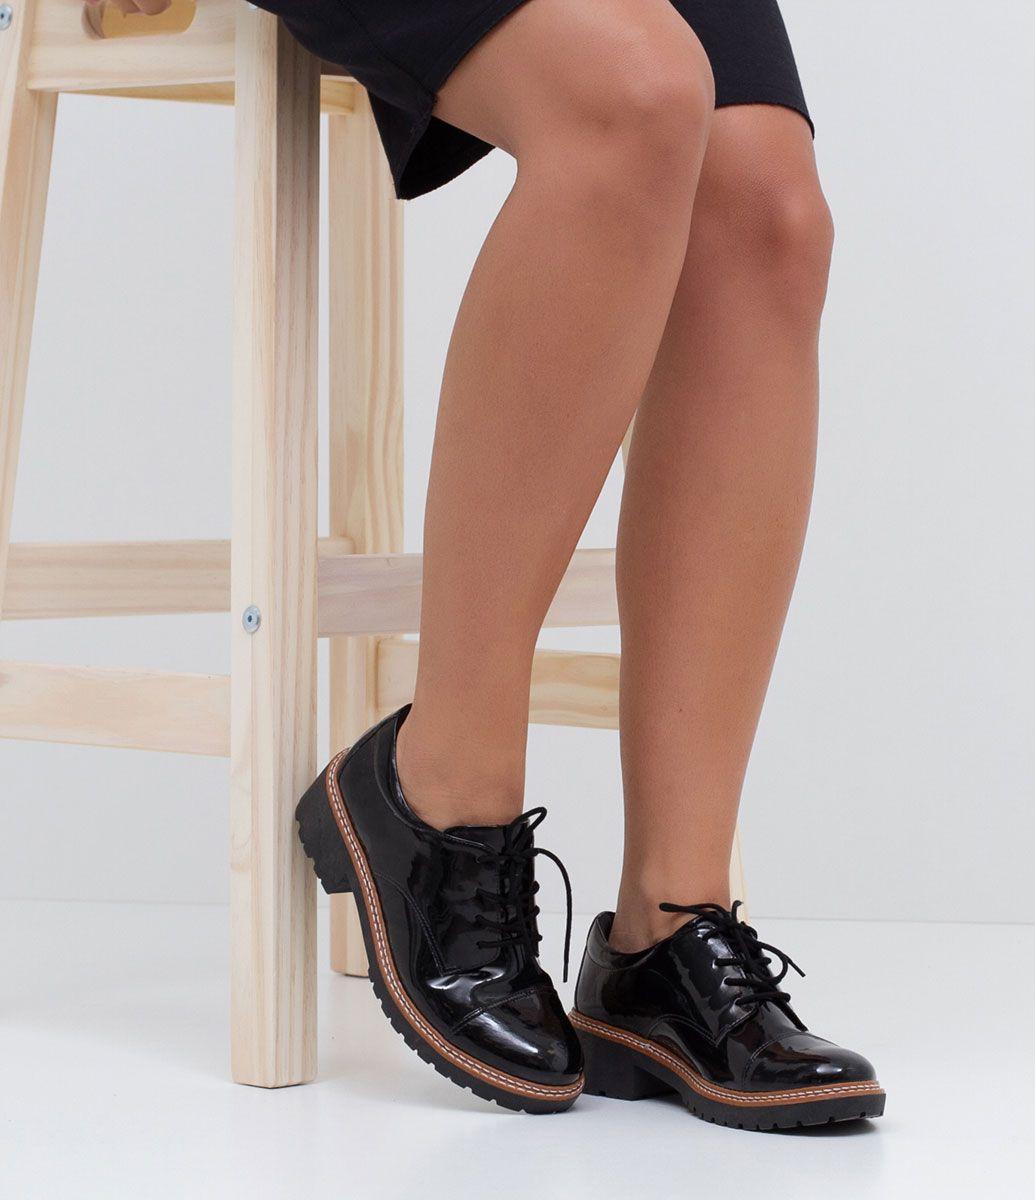 Sapato Feminino Modelo  Oxford Em verniz Sola tratorada de 4cm Marca   Satinato Material  Sintético COLEÇÃO VERÃO 2017 Veja outras opções de  sapatos ... c1c0ce943b0b0